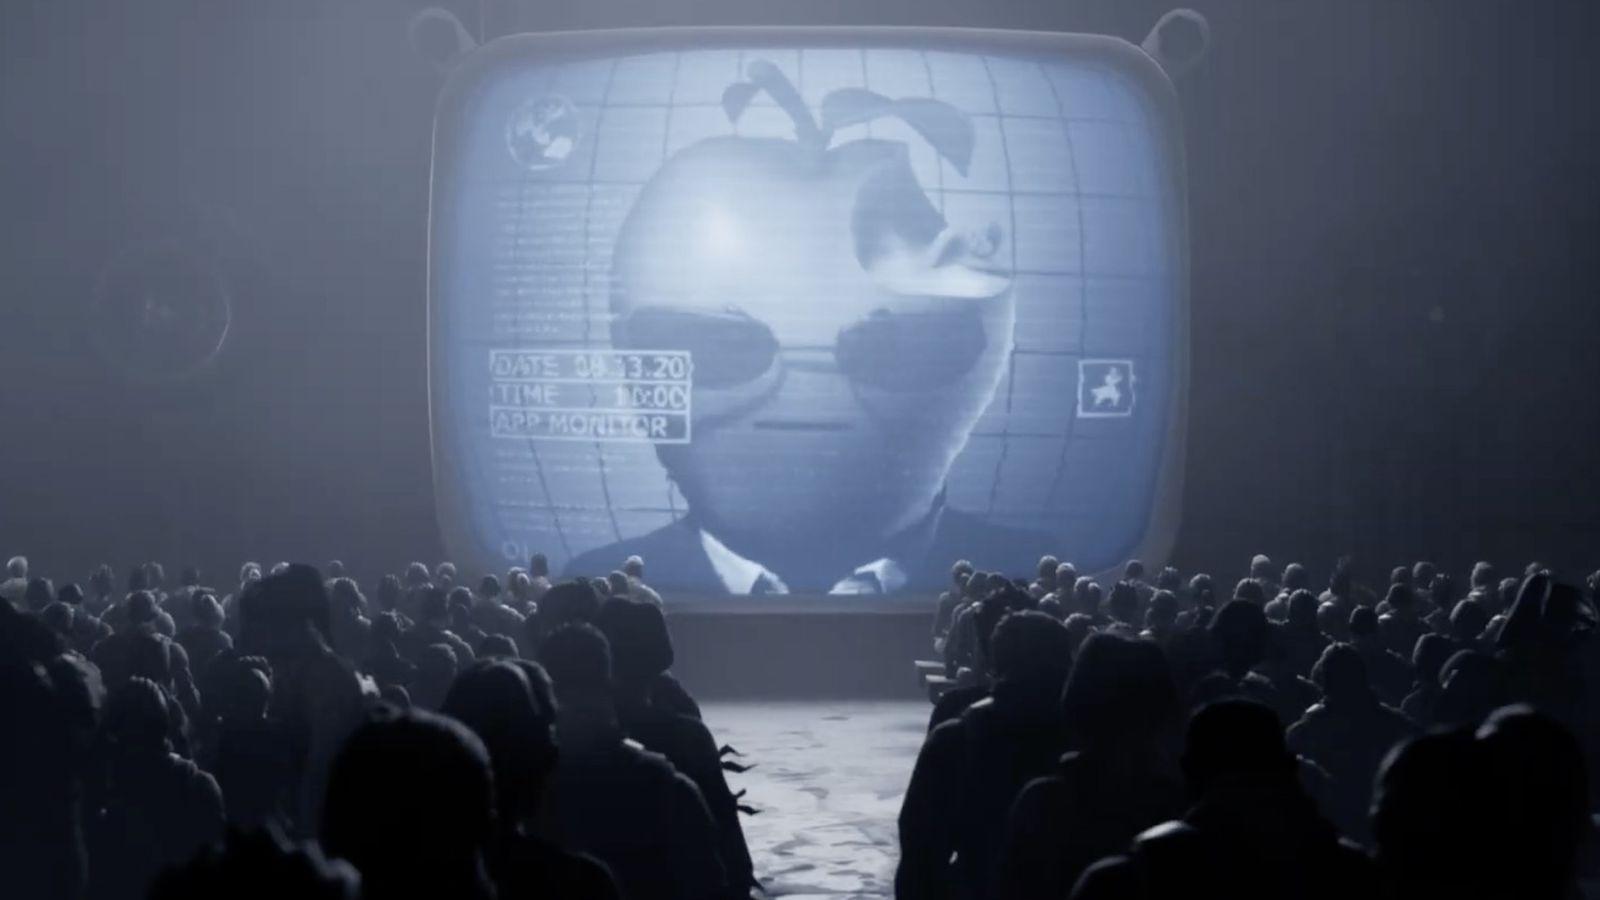 Epic games apple court battle